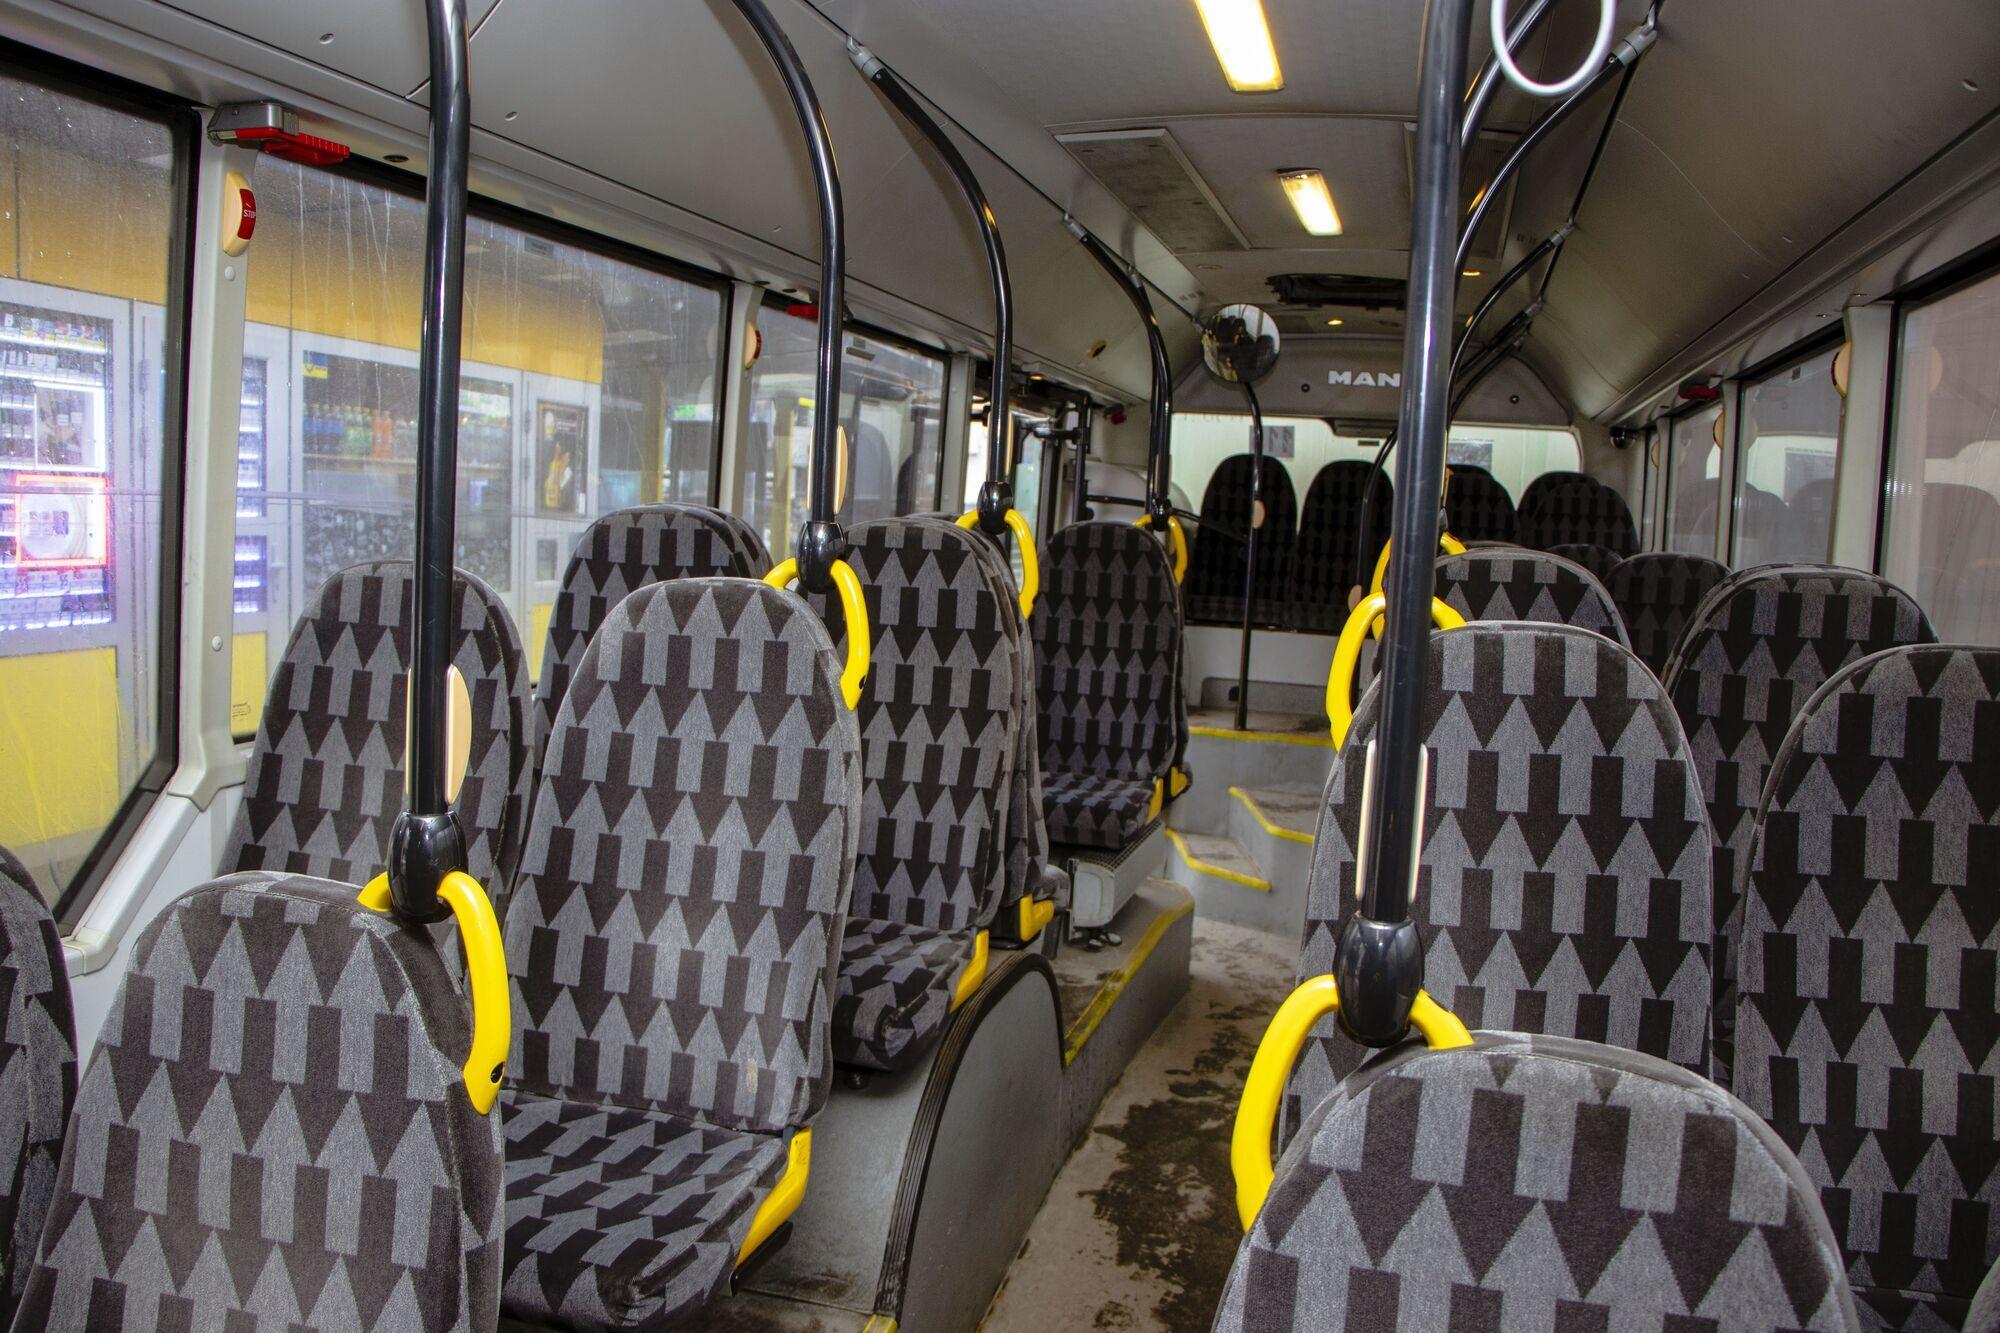 Пользу проверок отмечают и жители города, которые часто пользуются общественным транспортом.